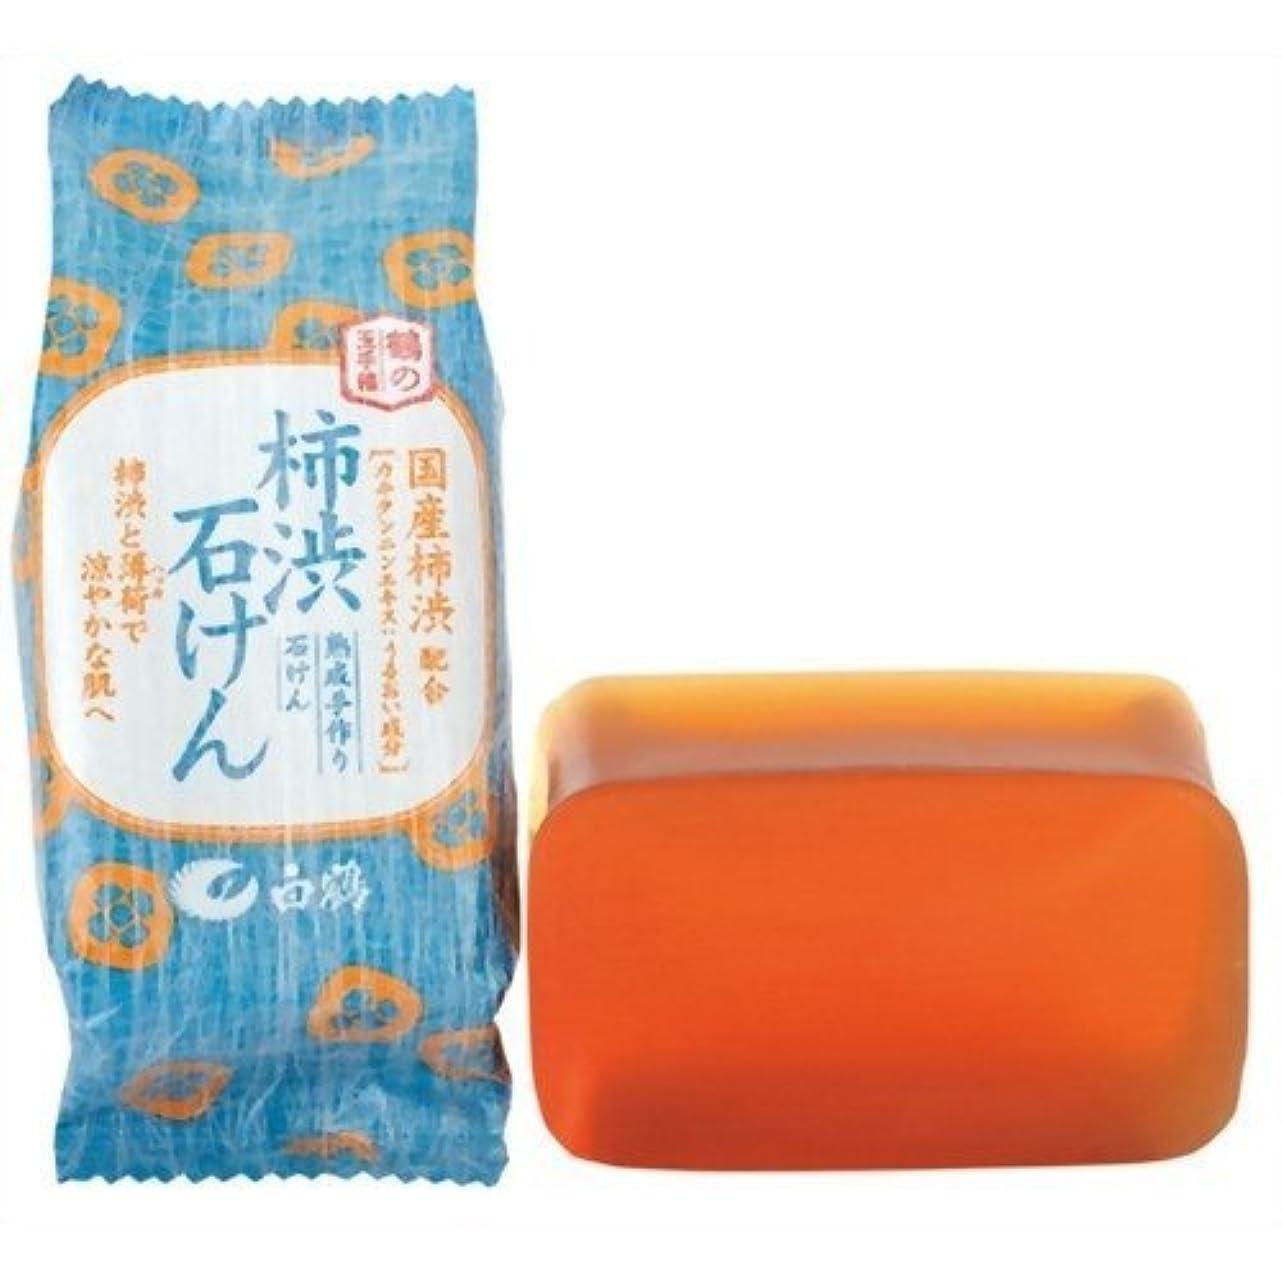 小麦粉トレーニングベンチャー白鶴 鶴の玉手箱 薬用 柿渋石けん 110g × 10個